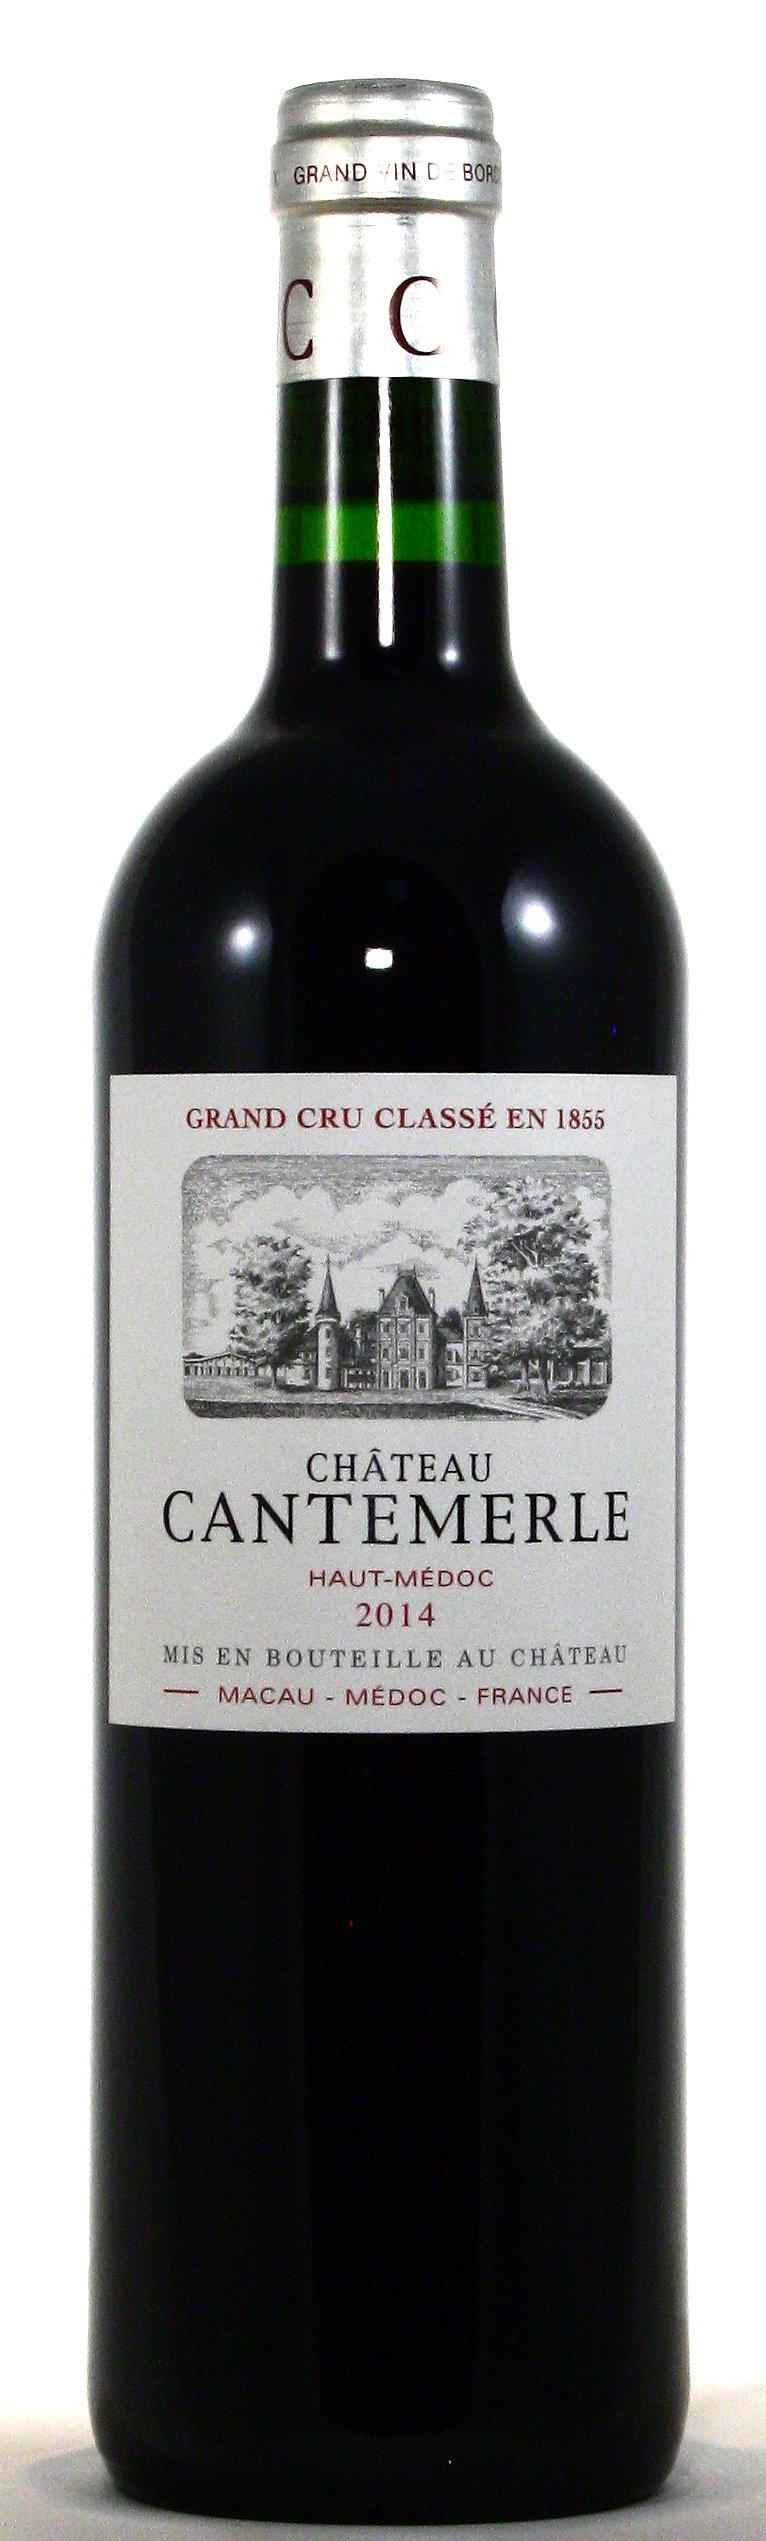 Château Cantemerle, Médoc - Bordeaux